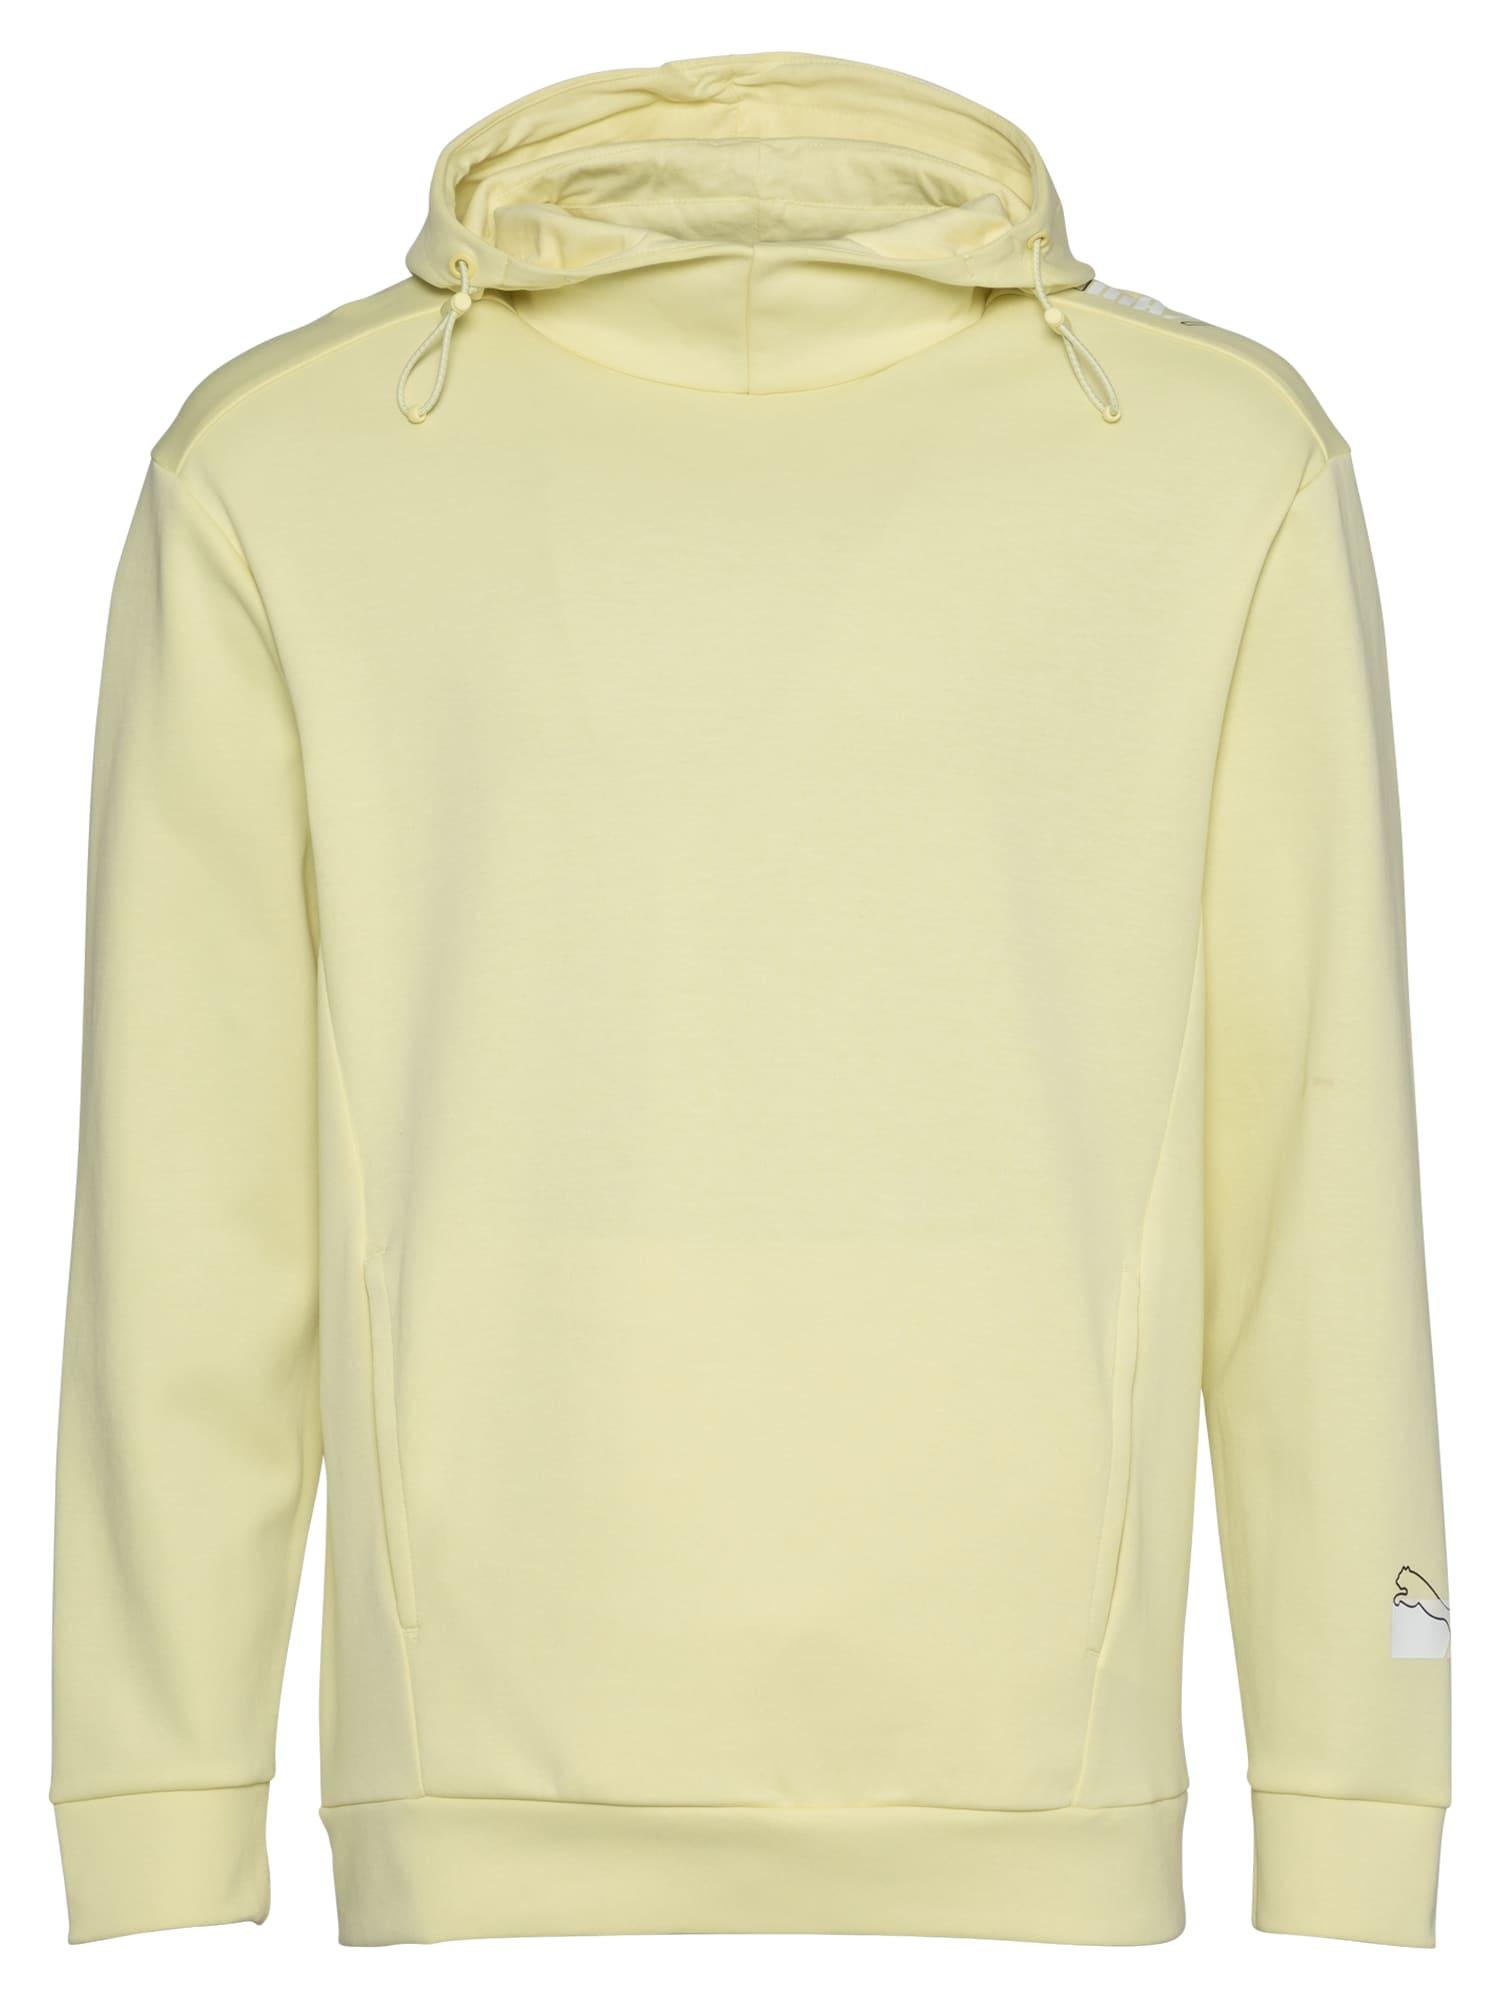 PUMA Sportinio tipo megztinis pastelinė geltona / juoda / balta